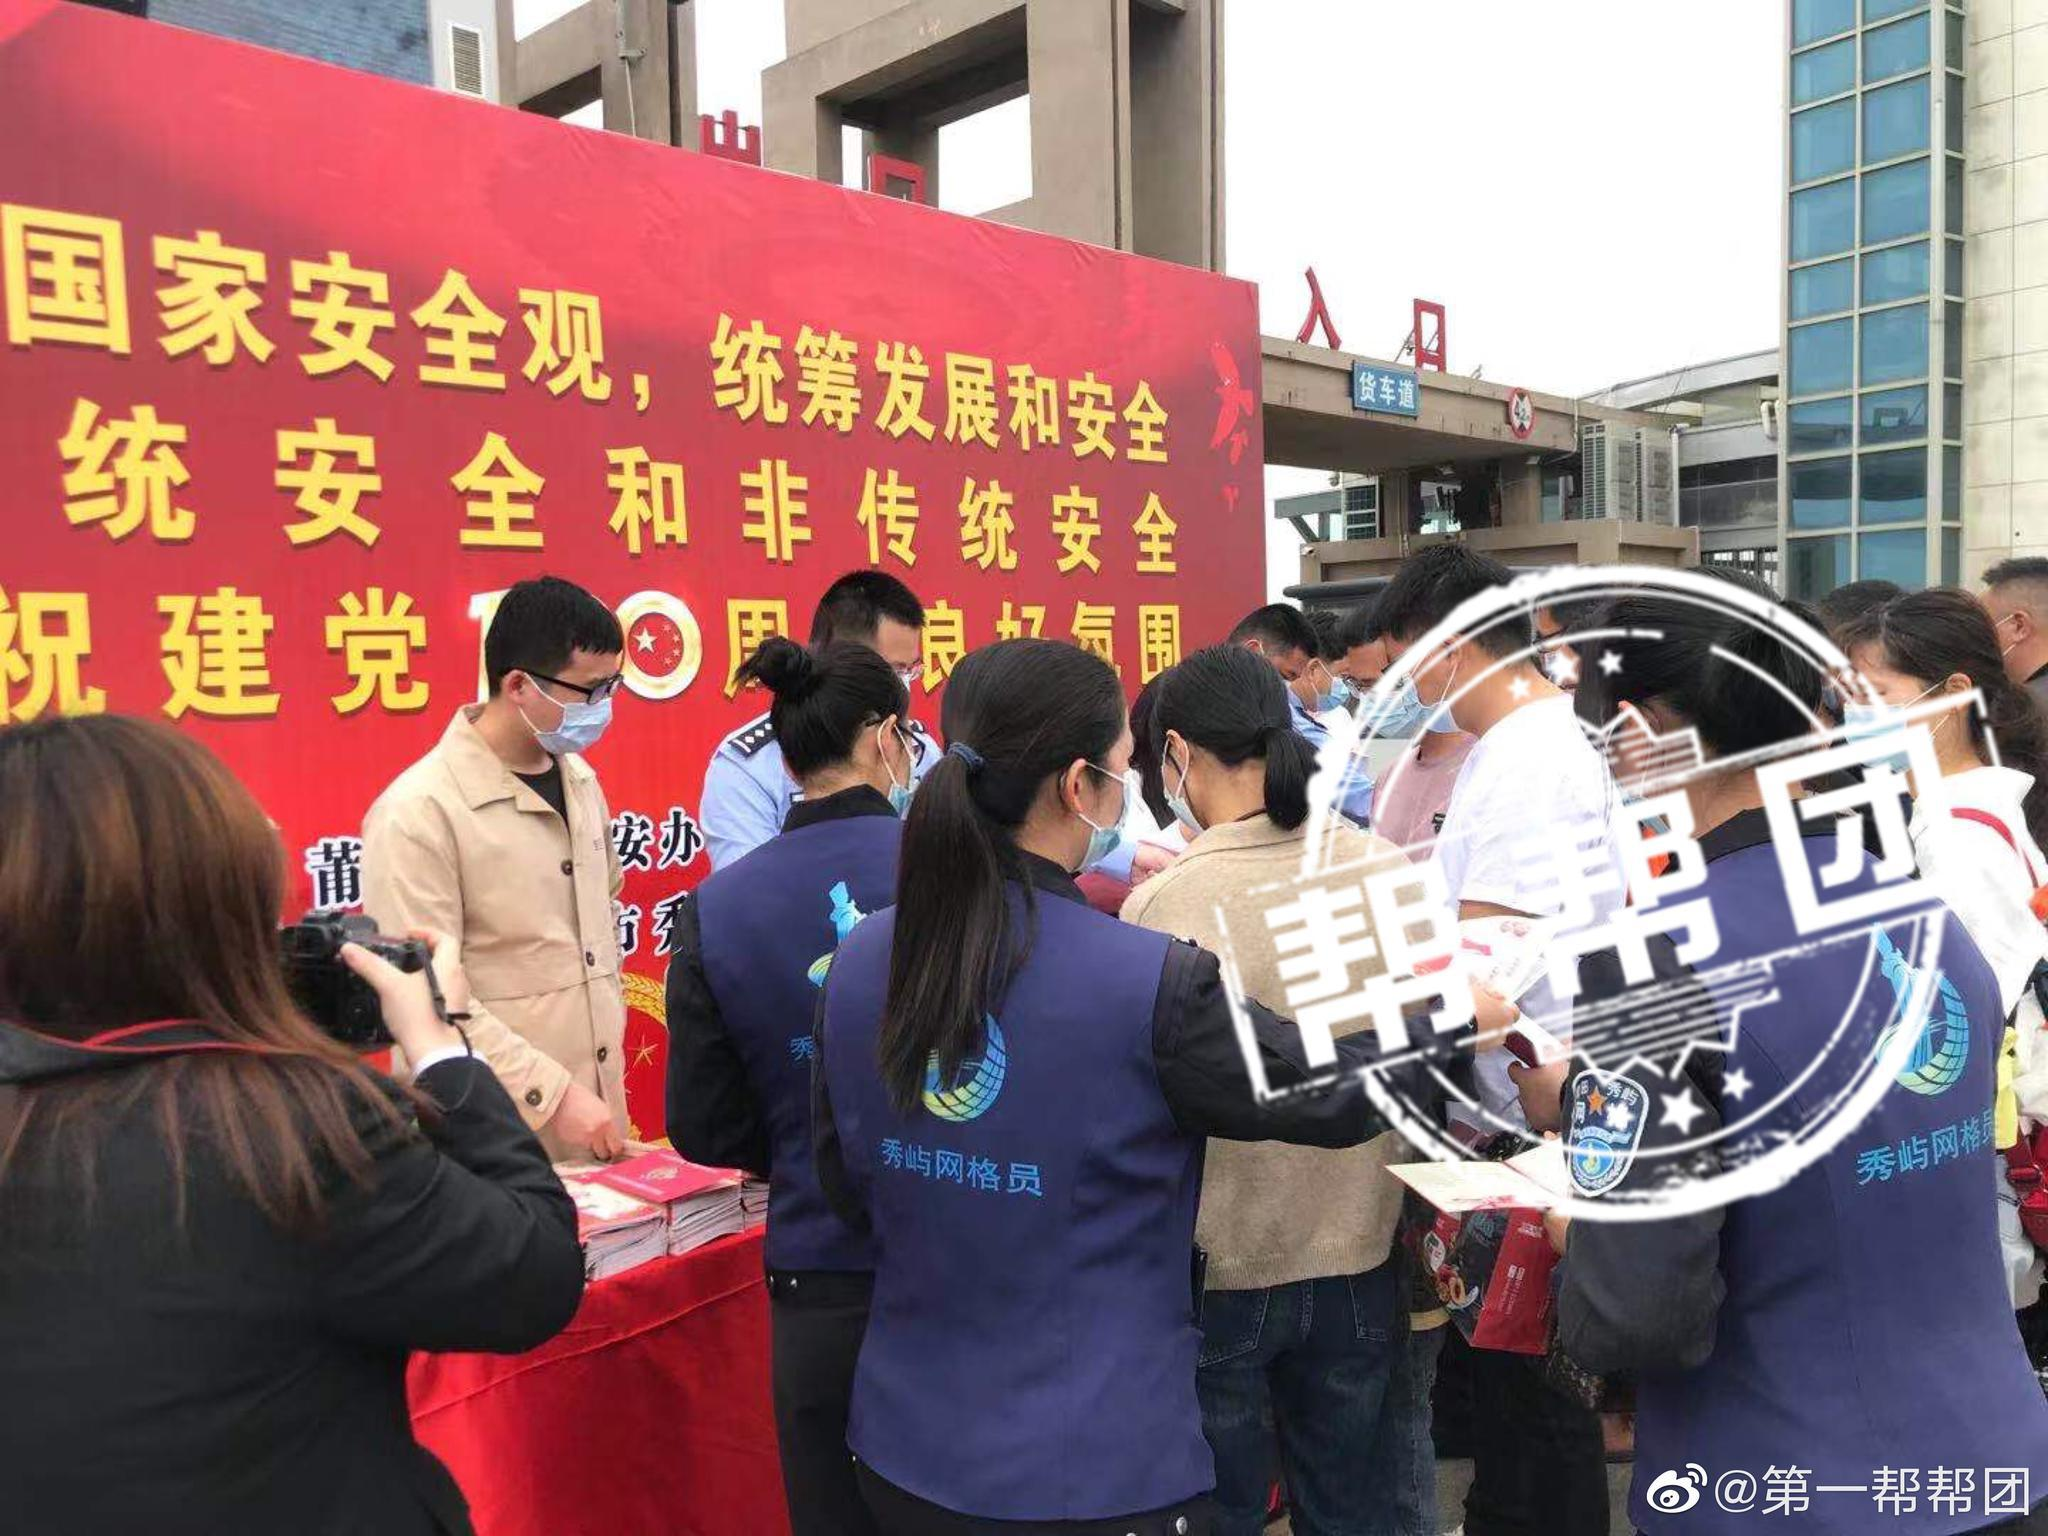 莆田市开展国家安全宣传活动